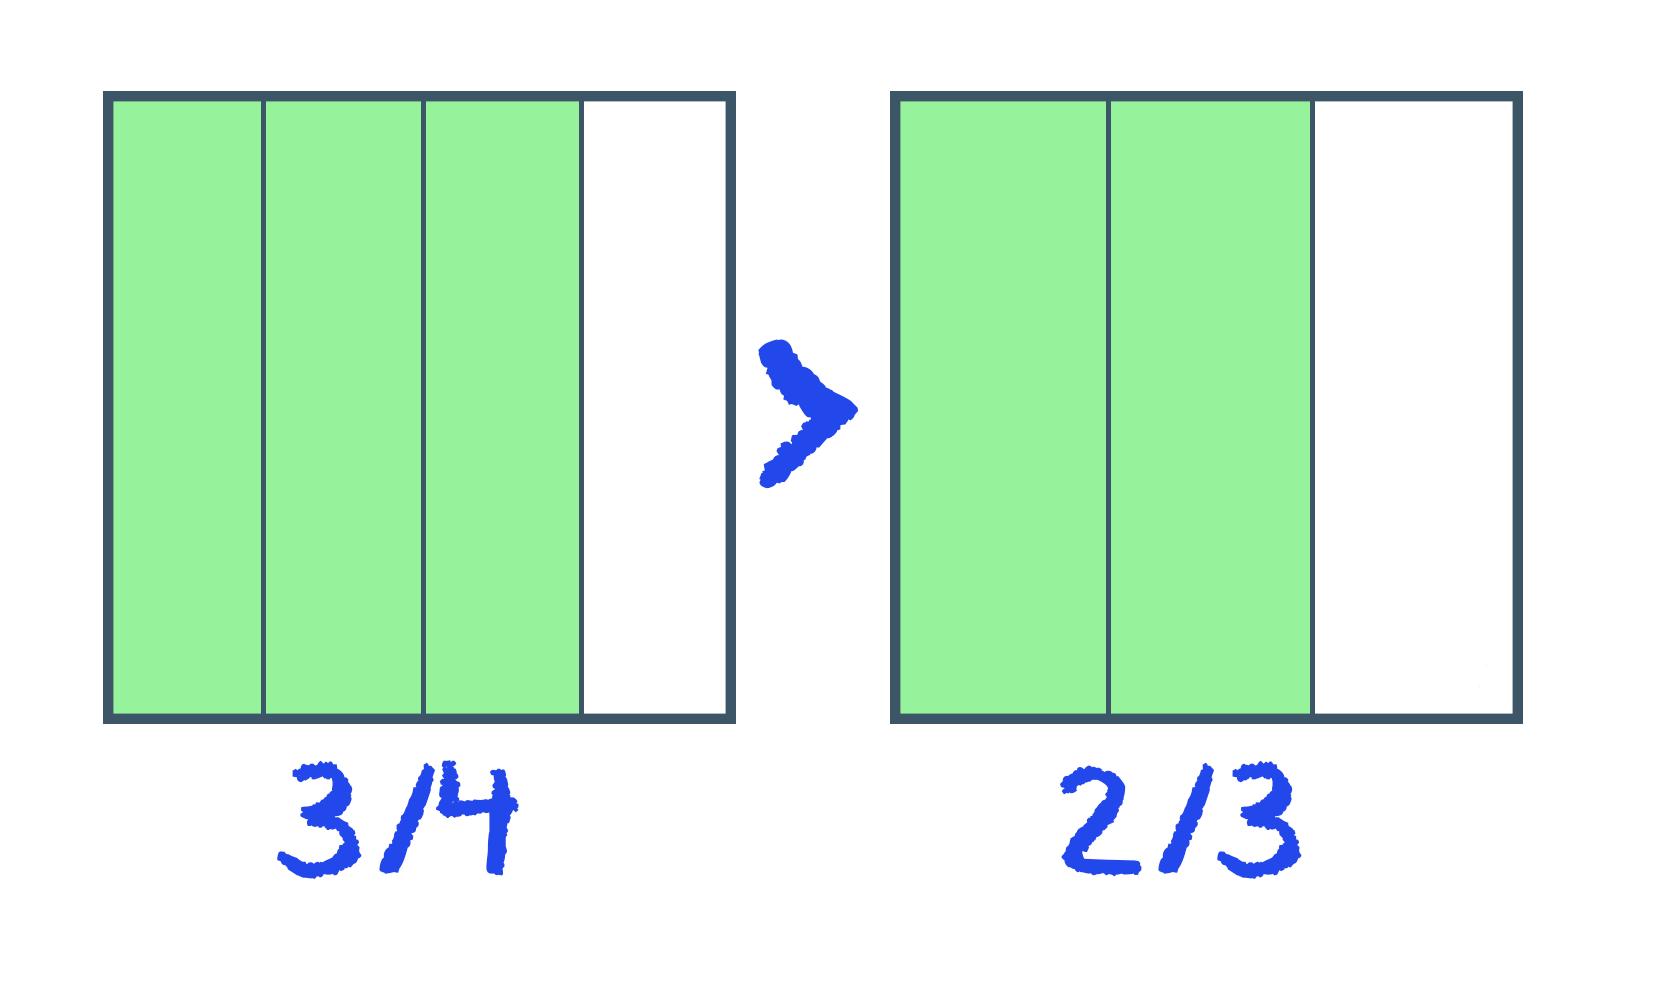 3/4 é visivelmente maior que 2/3